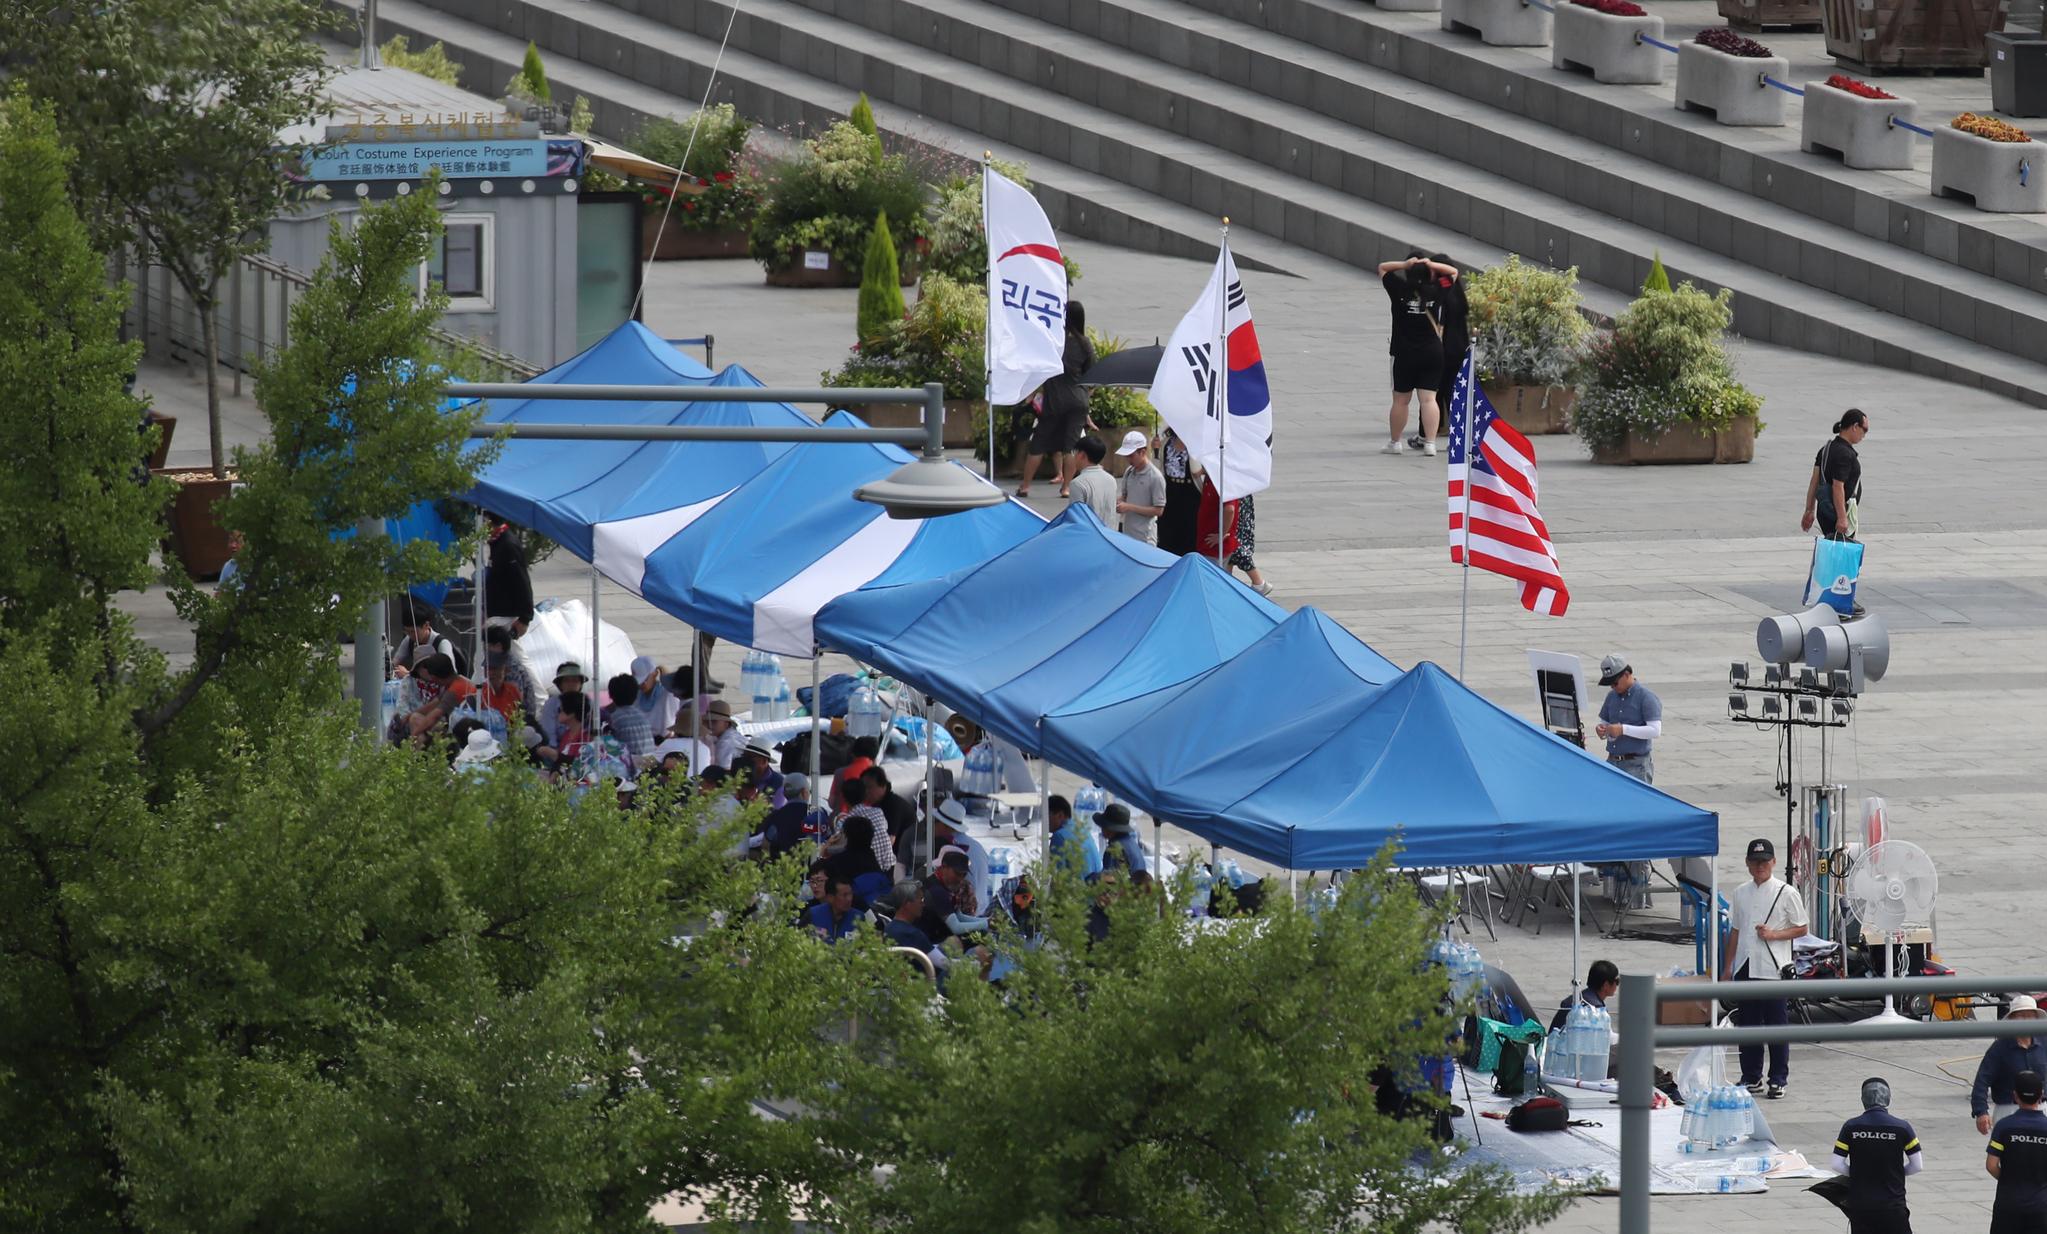 우리공화당이 지난 6일 서울 종로구 광화문광장에 천막을 다시 설치했다. 서울시는 7일 오후 6시까지 자진철거 하라는 대집행계고장을 발부한 상태다. [연합뉴스]